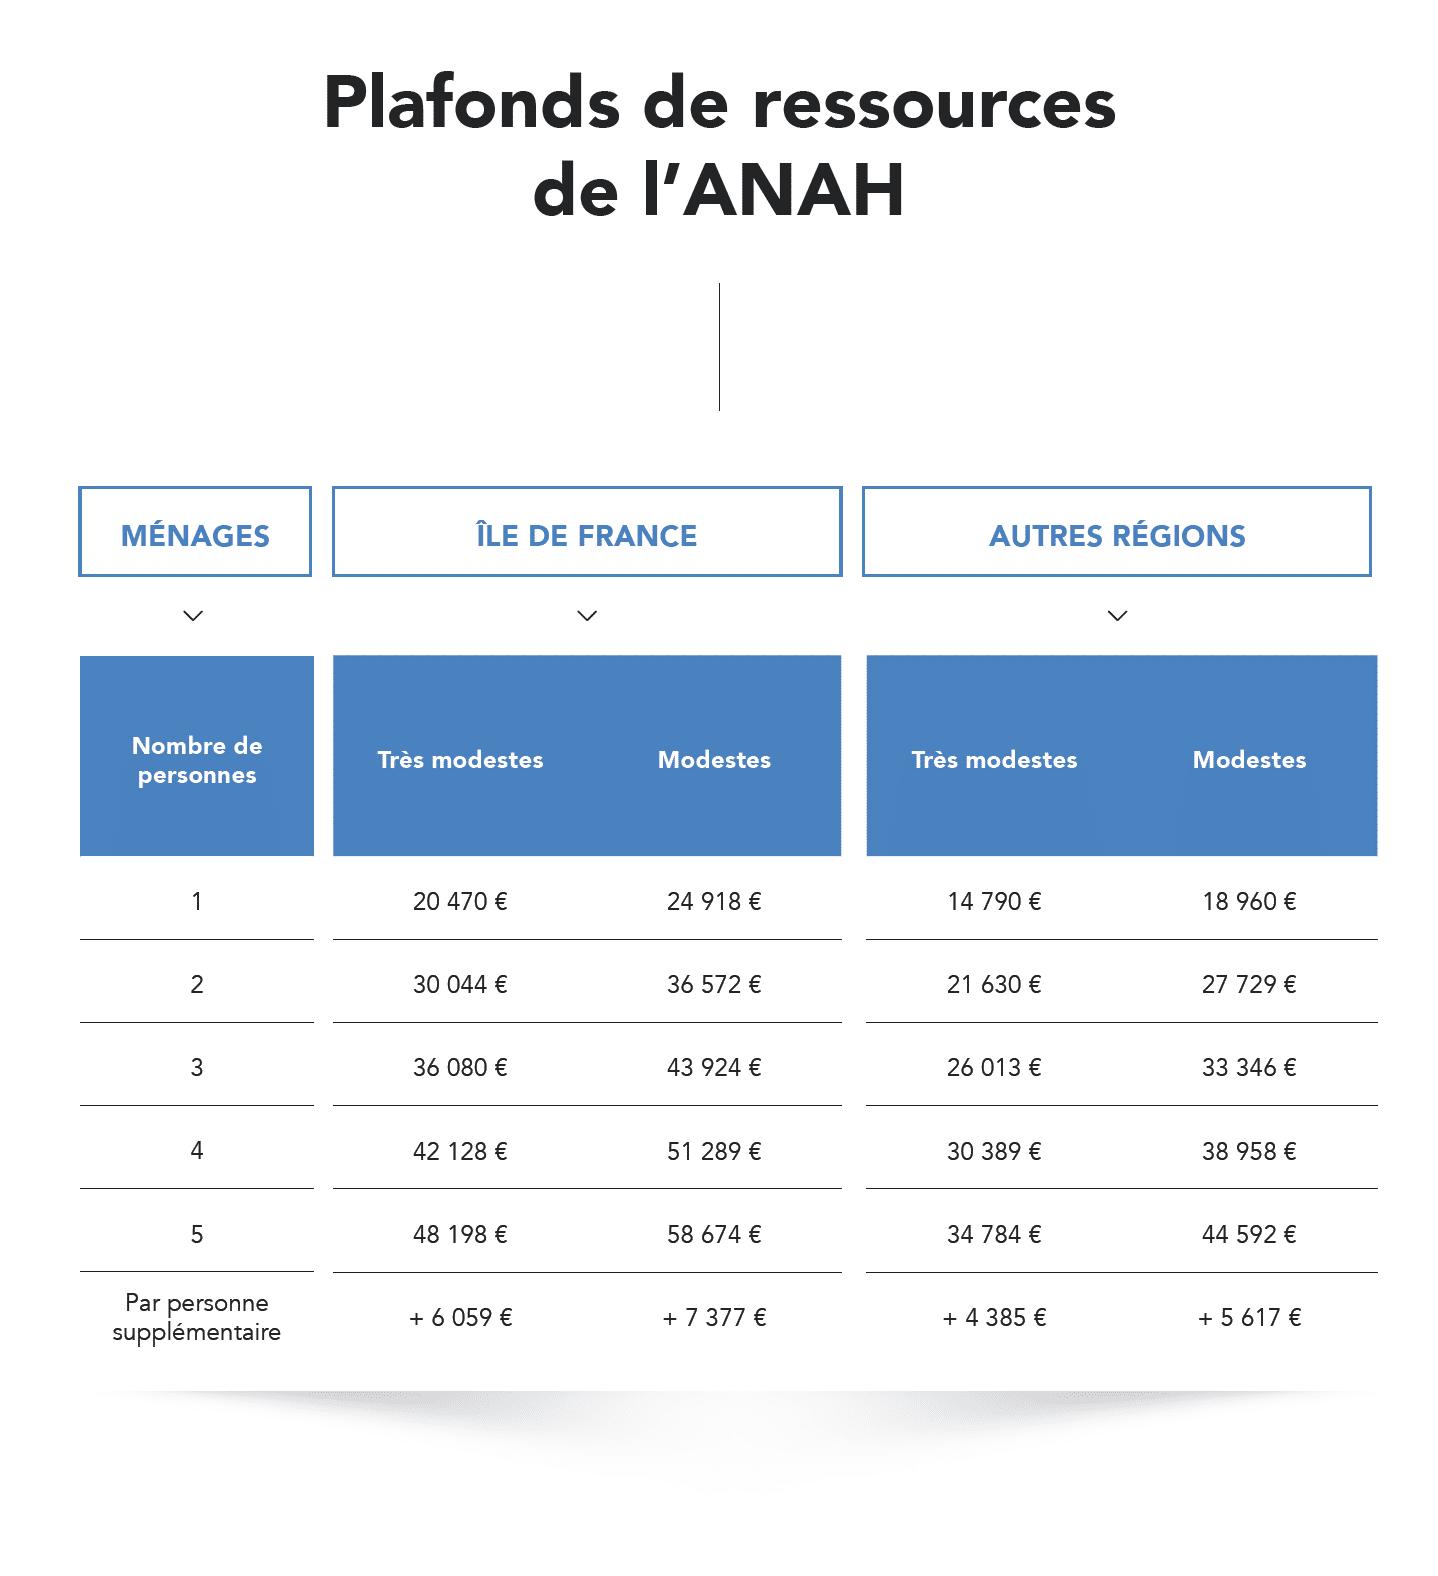 plafonds-ressources-anah